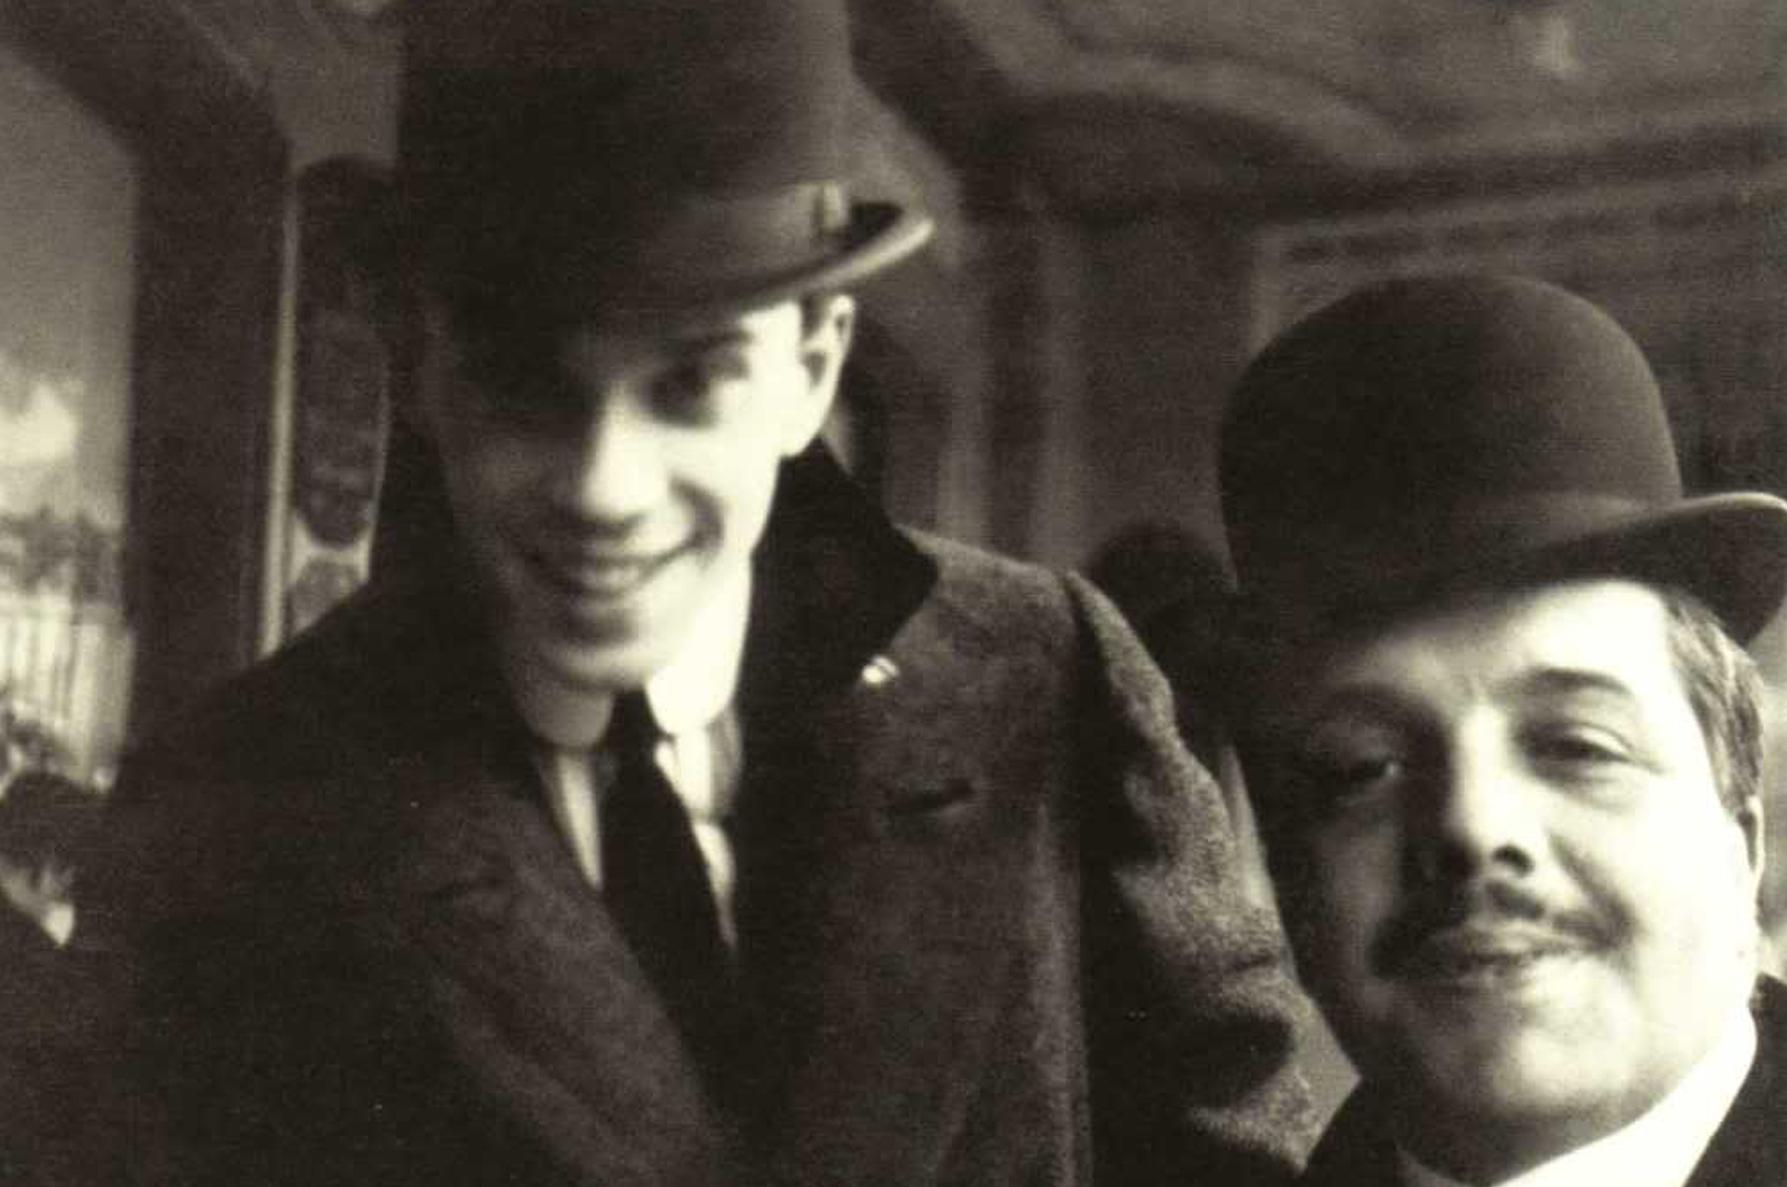 Сергей Дягилев и Вацлав Нижинский в Ницце, 1911.